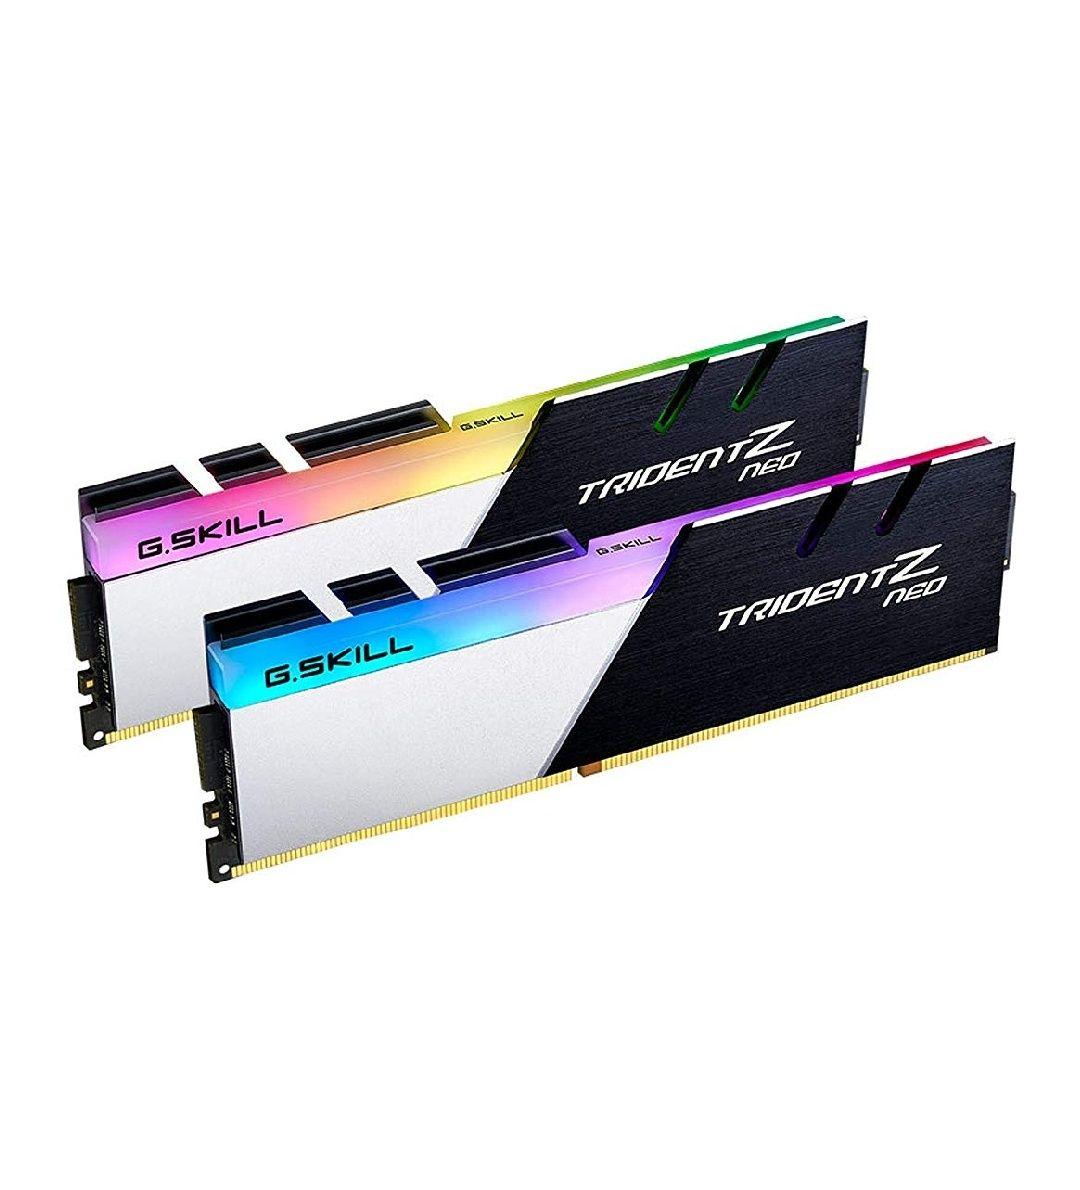 Kit mémoire RAM G.Skill TridentZ Neo RGB 16Go (2 x 8 Go) - 3600Mhz, CL16, XMP 2.0